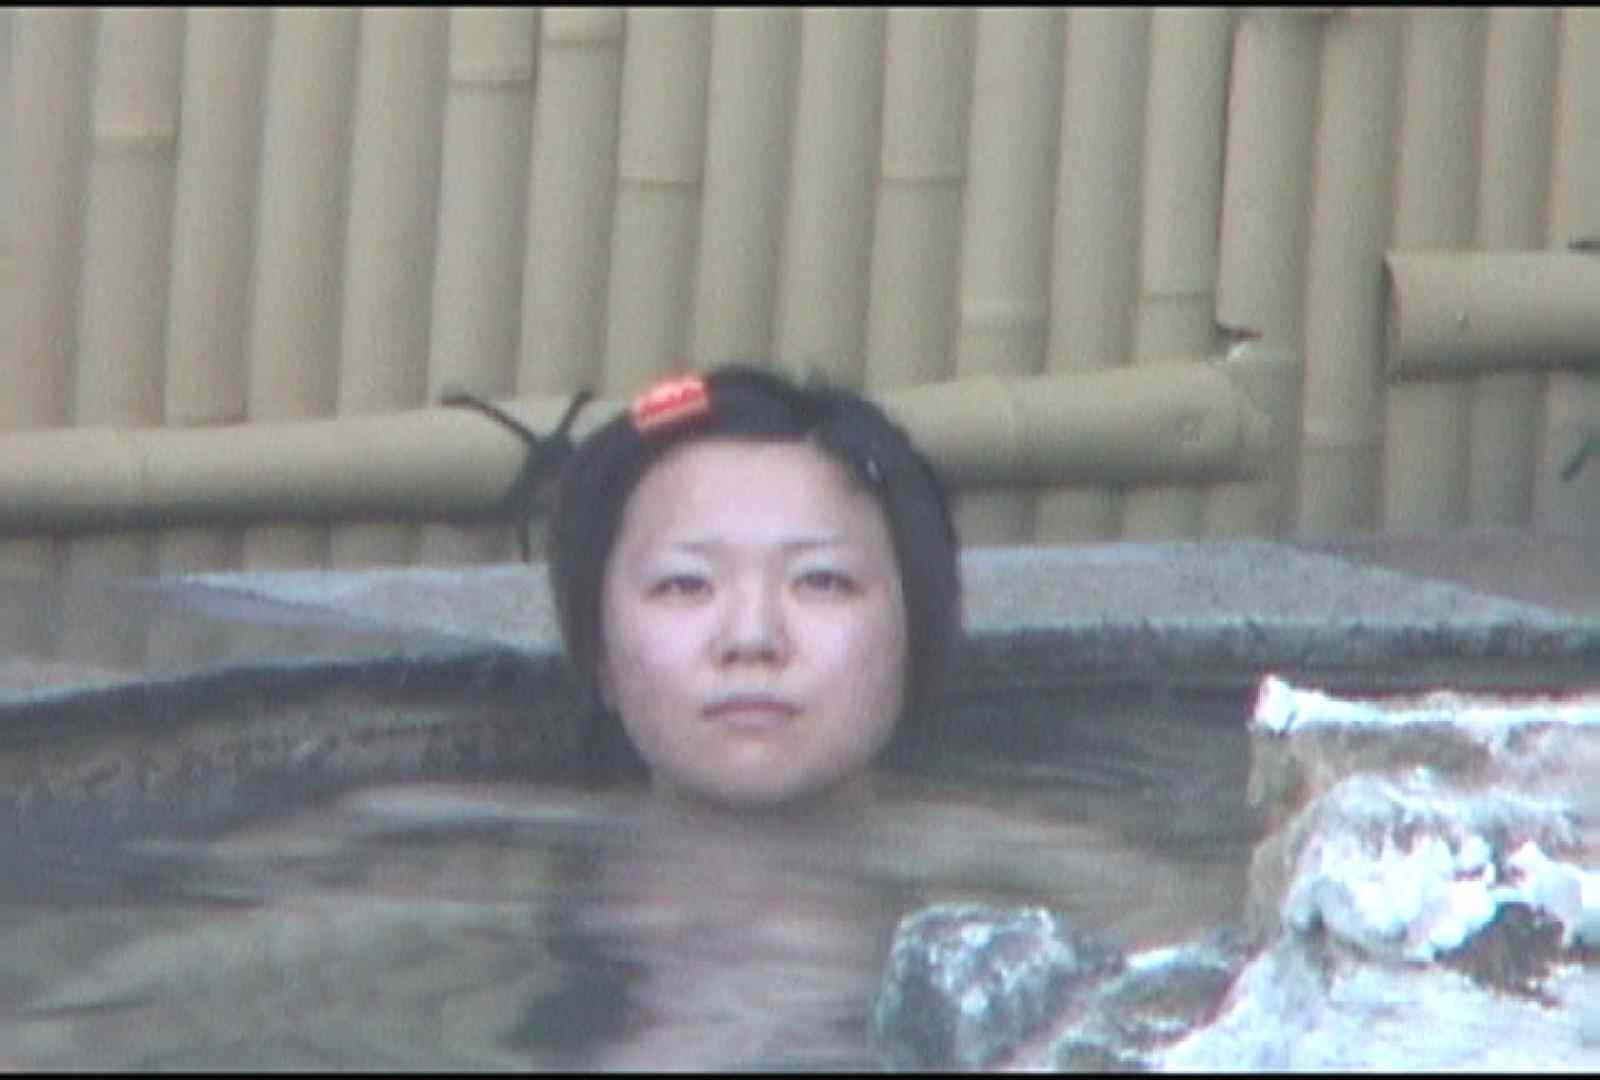 Aquaな露天風呂Vol.175 盗撮 オメコ動画キャプチャ 99枚 92